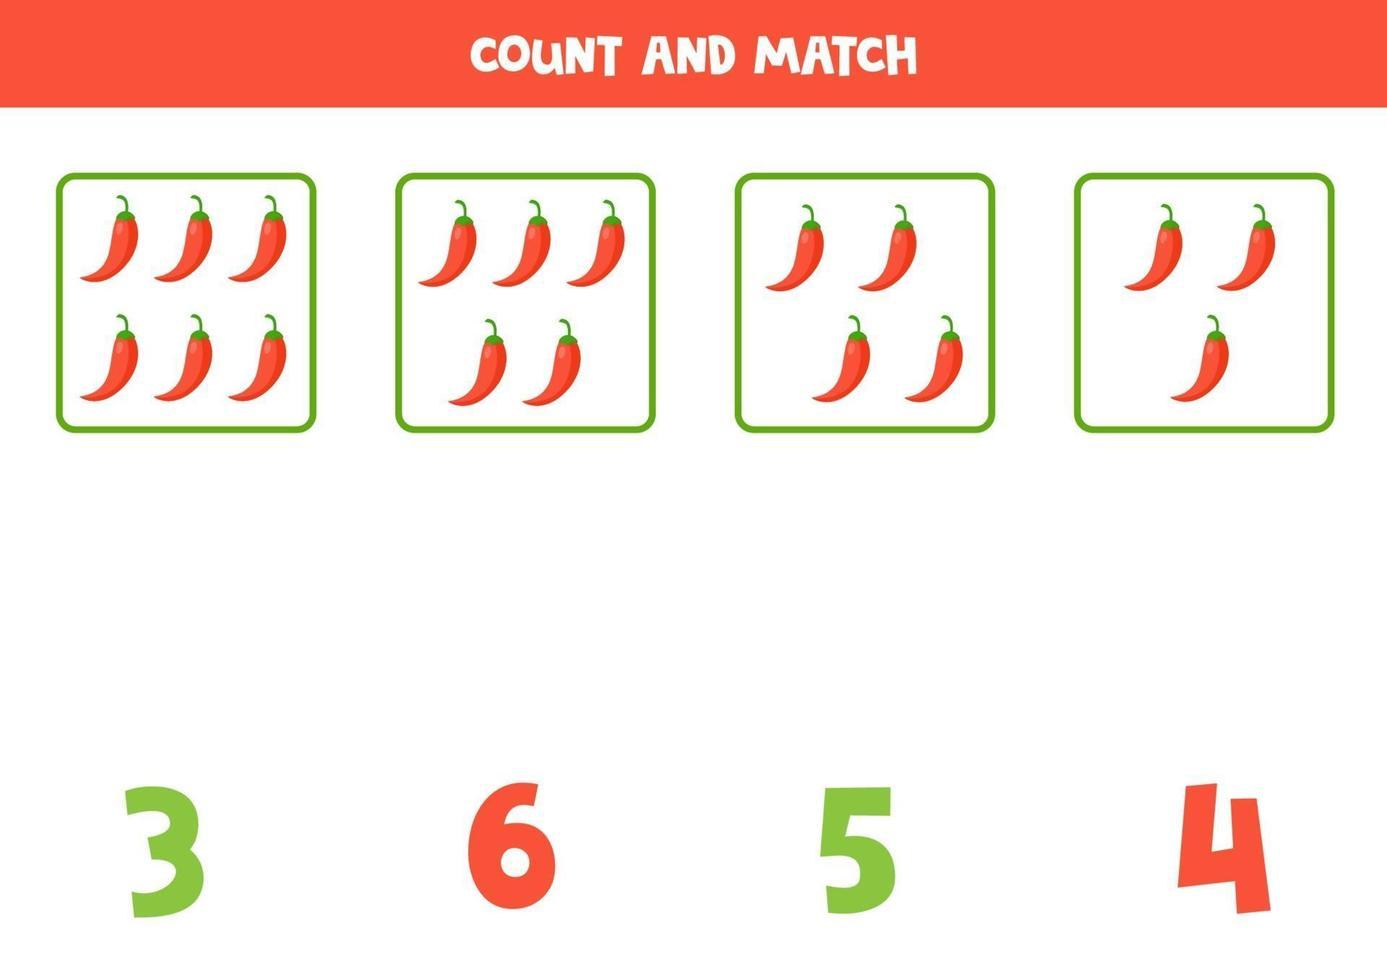 räknar spel med tecknad rödpeppar. matematikspel. vektor